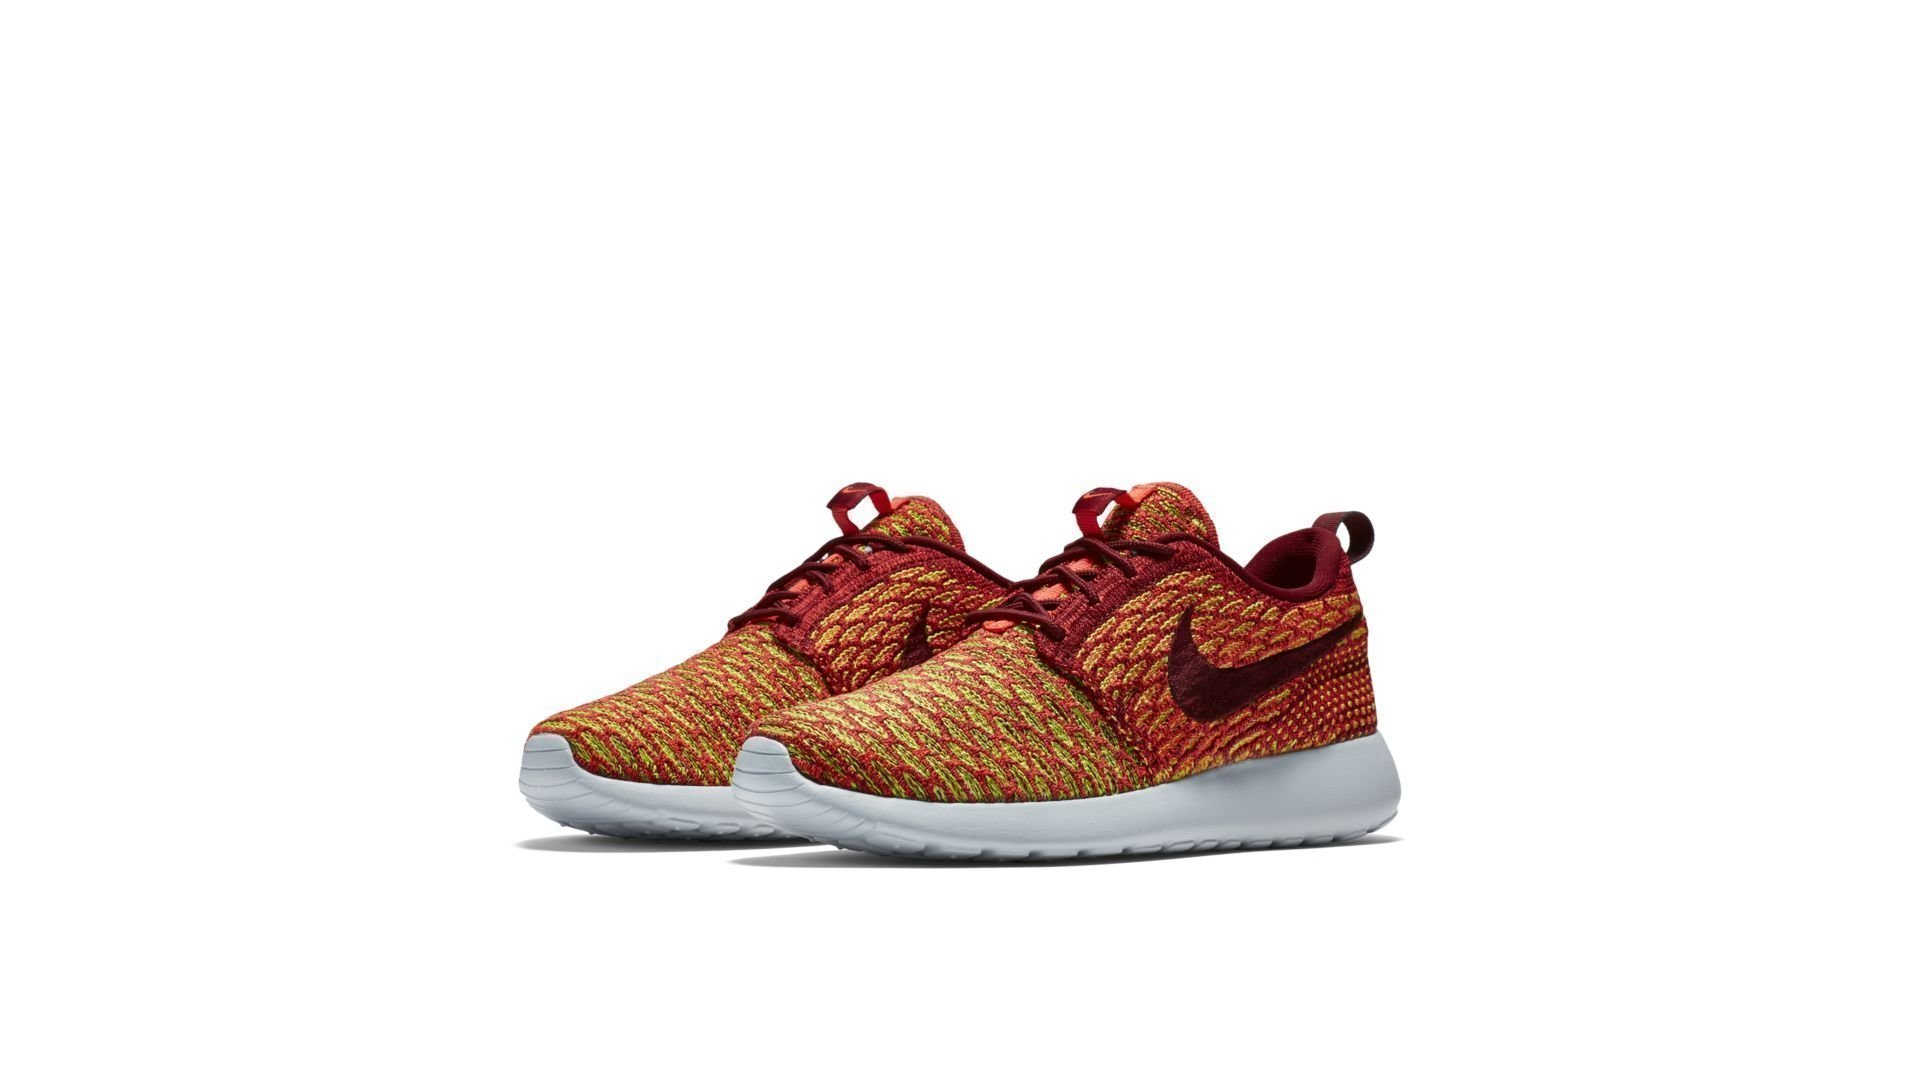 Nike Roshe One Flyknit Team Red Bright Crimson Volt (W) (704927-600)